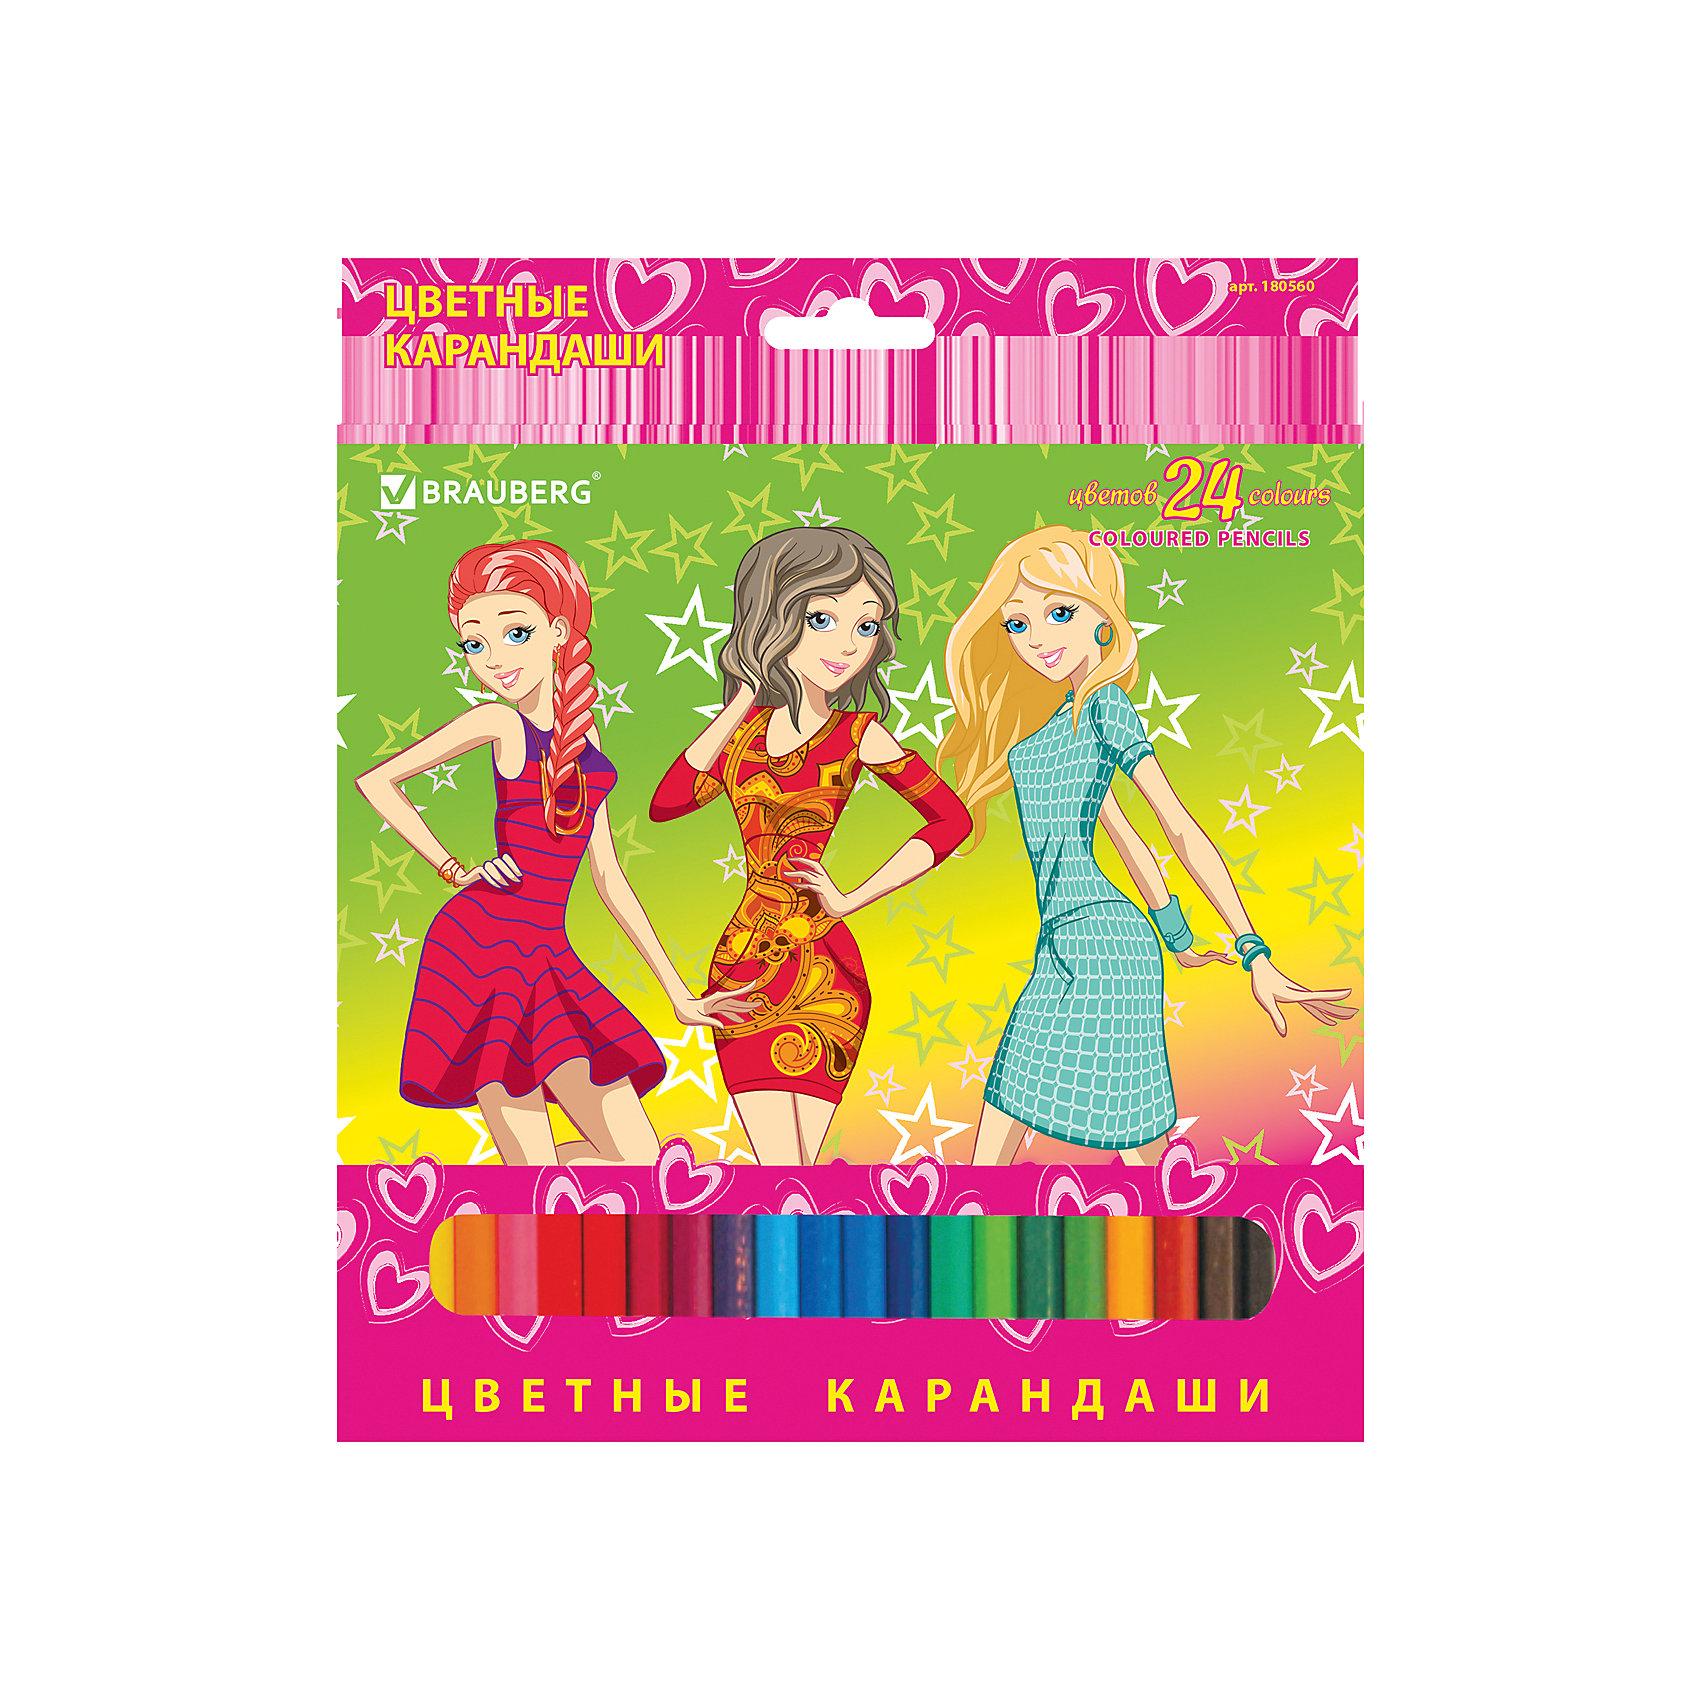 Цветные карандаши Pretty Girls, 24 цв., BraubergРисование<br>В наборе 24 карандаша, изготовленных из древесины ценных пород. Благодаря высококачественному грифелю, рисунок ляжет на бумагу густо, сплошной и четкой линией, при этом не крошась и не царапая бумагу. Изображение на упаковке имеет отделку блестками.<br>Такие яркие карандаши непременно понравятся Вашему ребенку!<br><br>Дополнительная информация: <br><br>- 24 цвета.<br>- Диаметр грифеля - 3 мм.<br>- Высокосортная древесина.<br>- Шестигранный корпус.<br>- Легко затачиваются.<br>- Размер упаковки: 20х18х0,8 см.<br>- Вес в упаковке: 175 г.<br><br>Цветные карандаши Pretty Girls Brauberg, можно купить в нашем магазине.<br><br>Ширина мм: 200<br>Глубина мм: 180<br>Высота мм: 8<br>Вес г: 175<br>Возраст от месяцев: 72<br>Возраст до месяцев: 2147483647<br>Пол: Унисекс<br>Возраст: Детский<br>SKU: 4792668